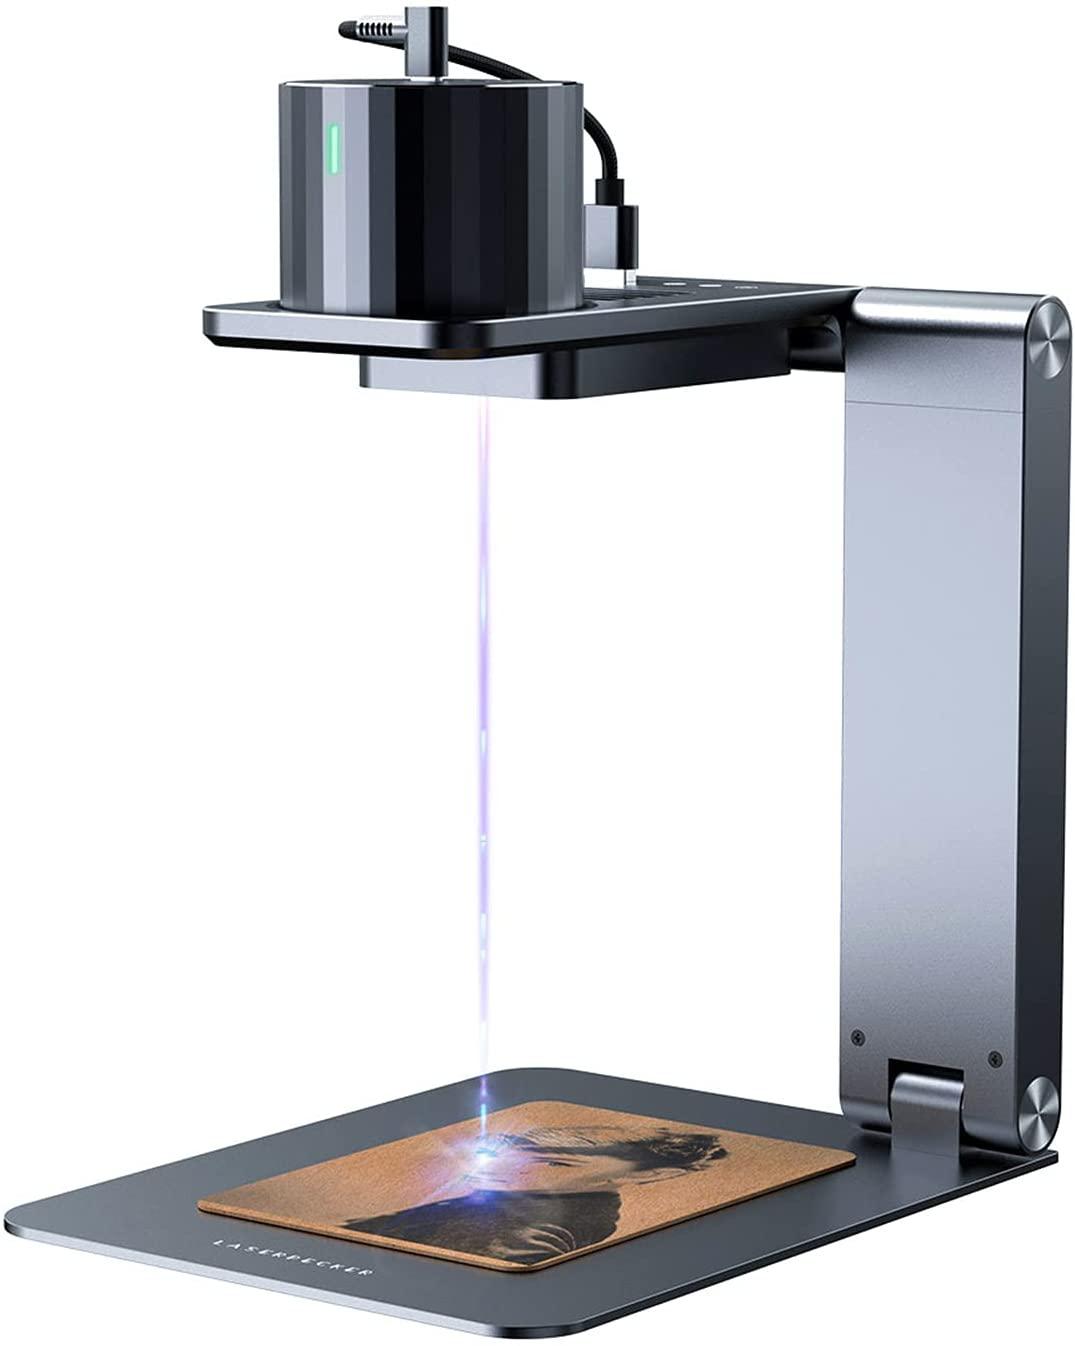 LaserPecker pro Laser Engraver Machine